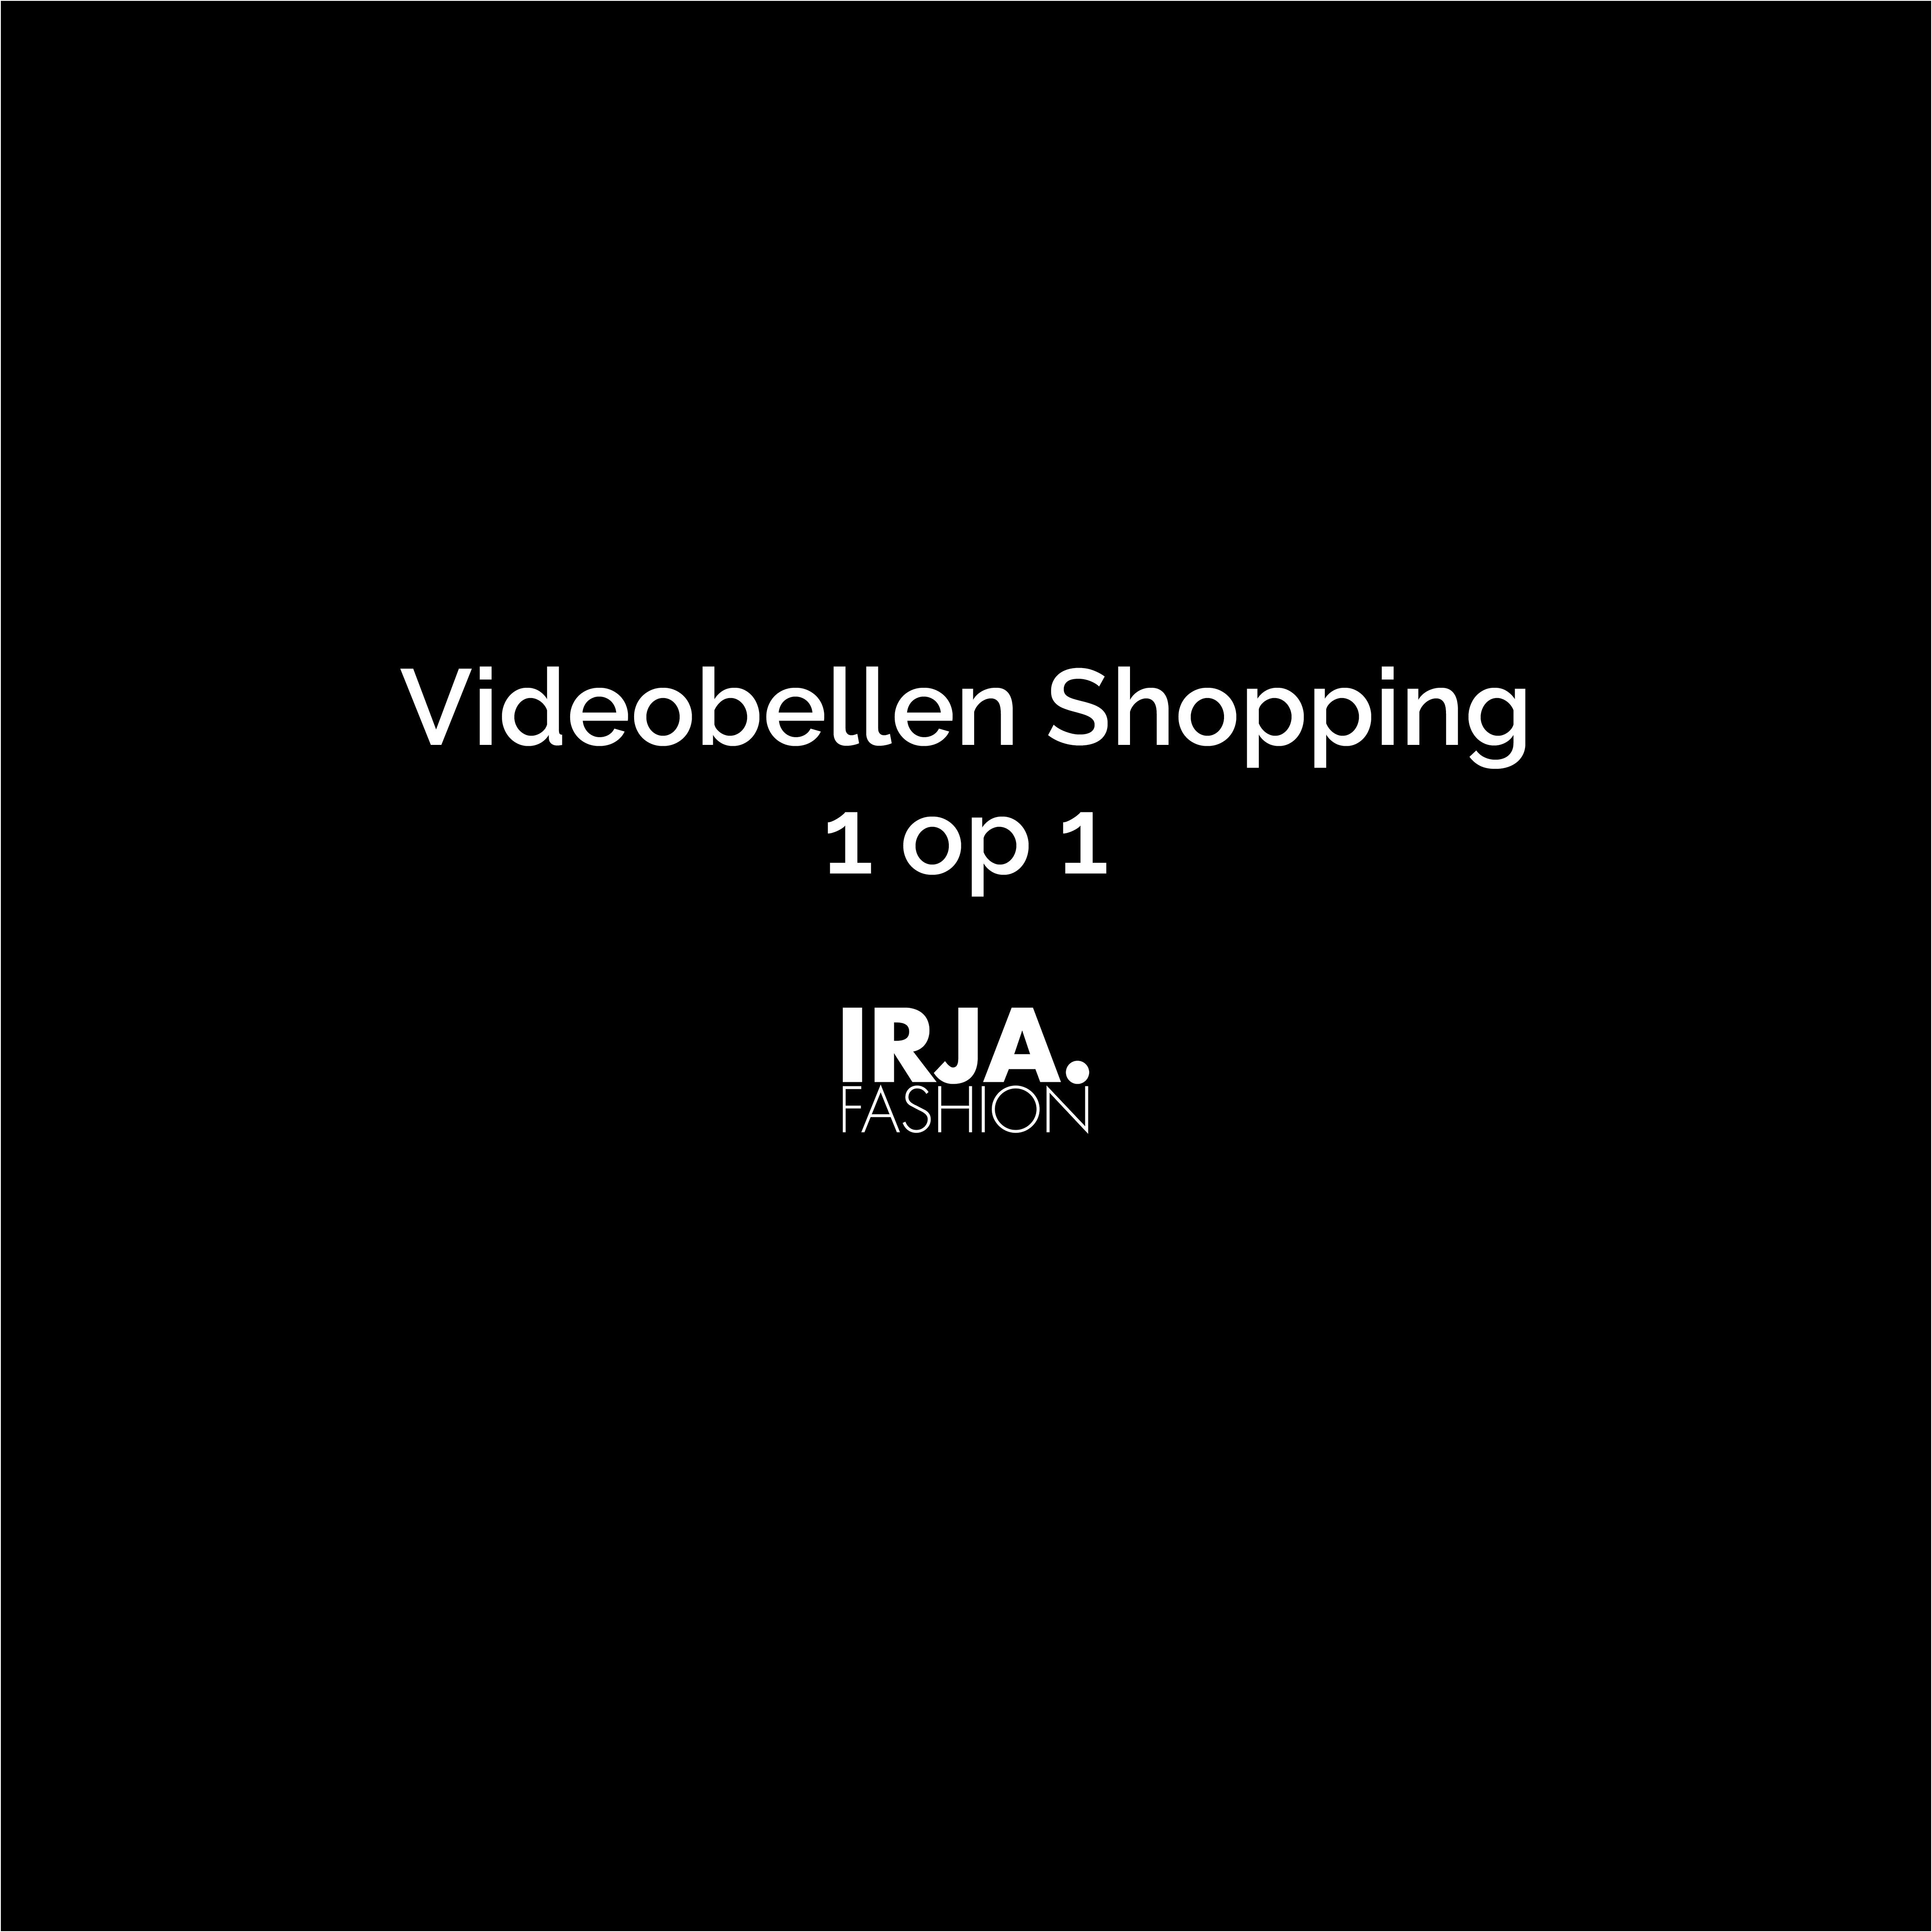 Videobellen 1 op 1 shopping